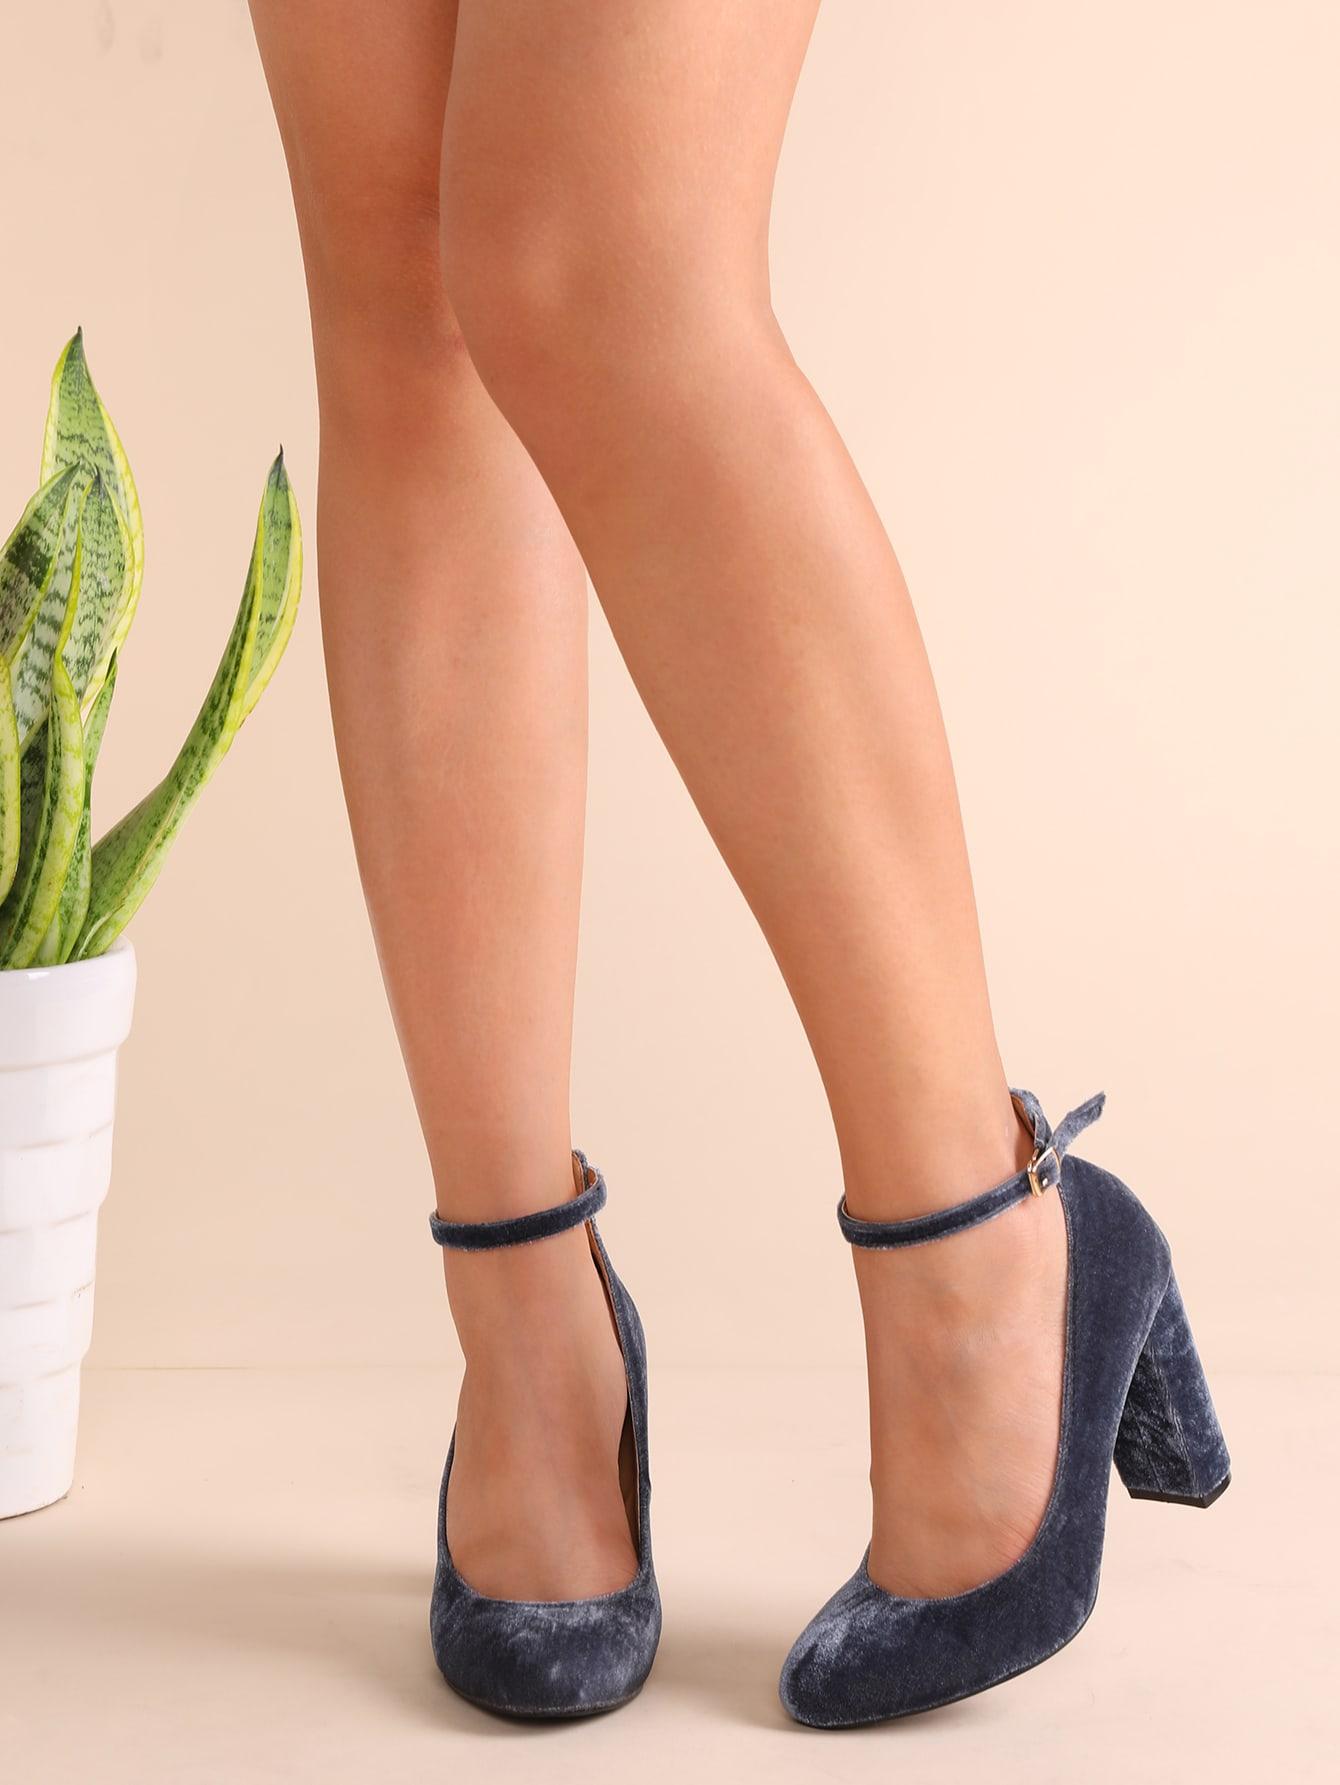 shoes161018801_2